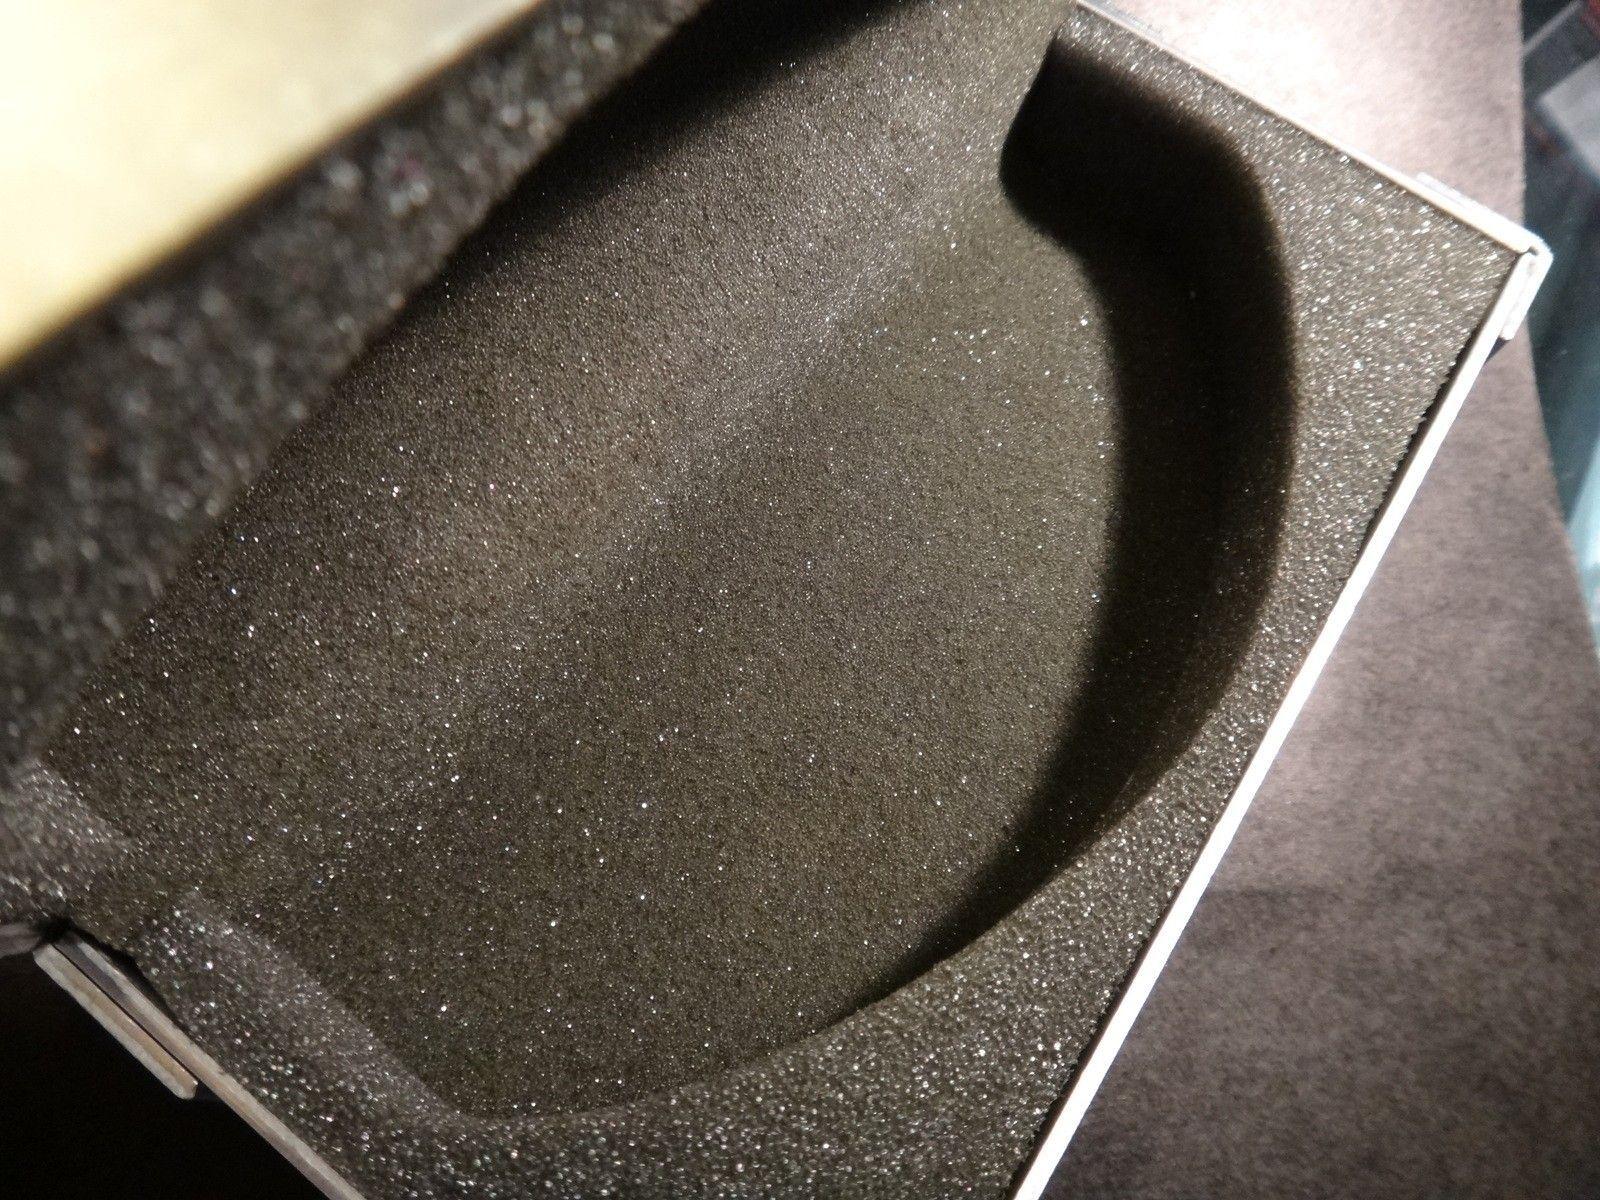 Oakley Metal Vault (The Vault) case with perfect foam - DSC05585.JPG